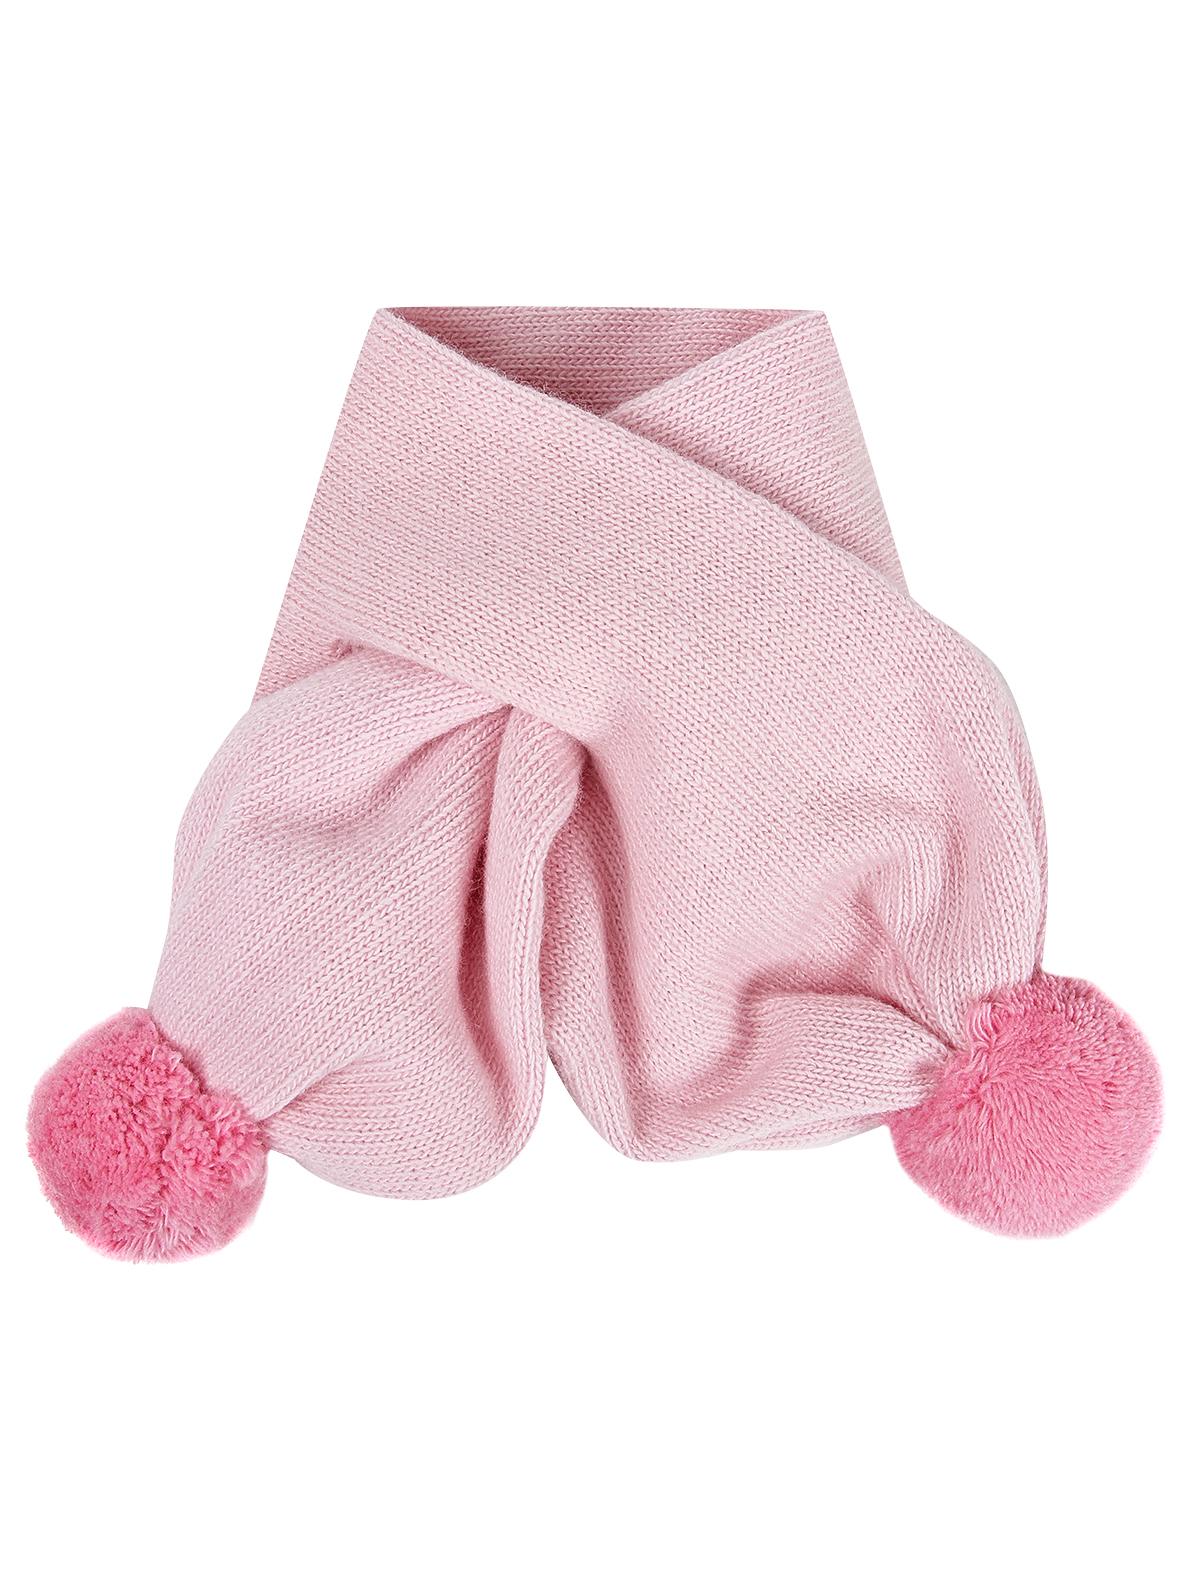 Купить 2134397, Шарф Il Gufo, розовый, Женский, 1222608980013